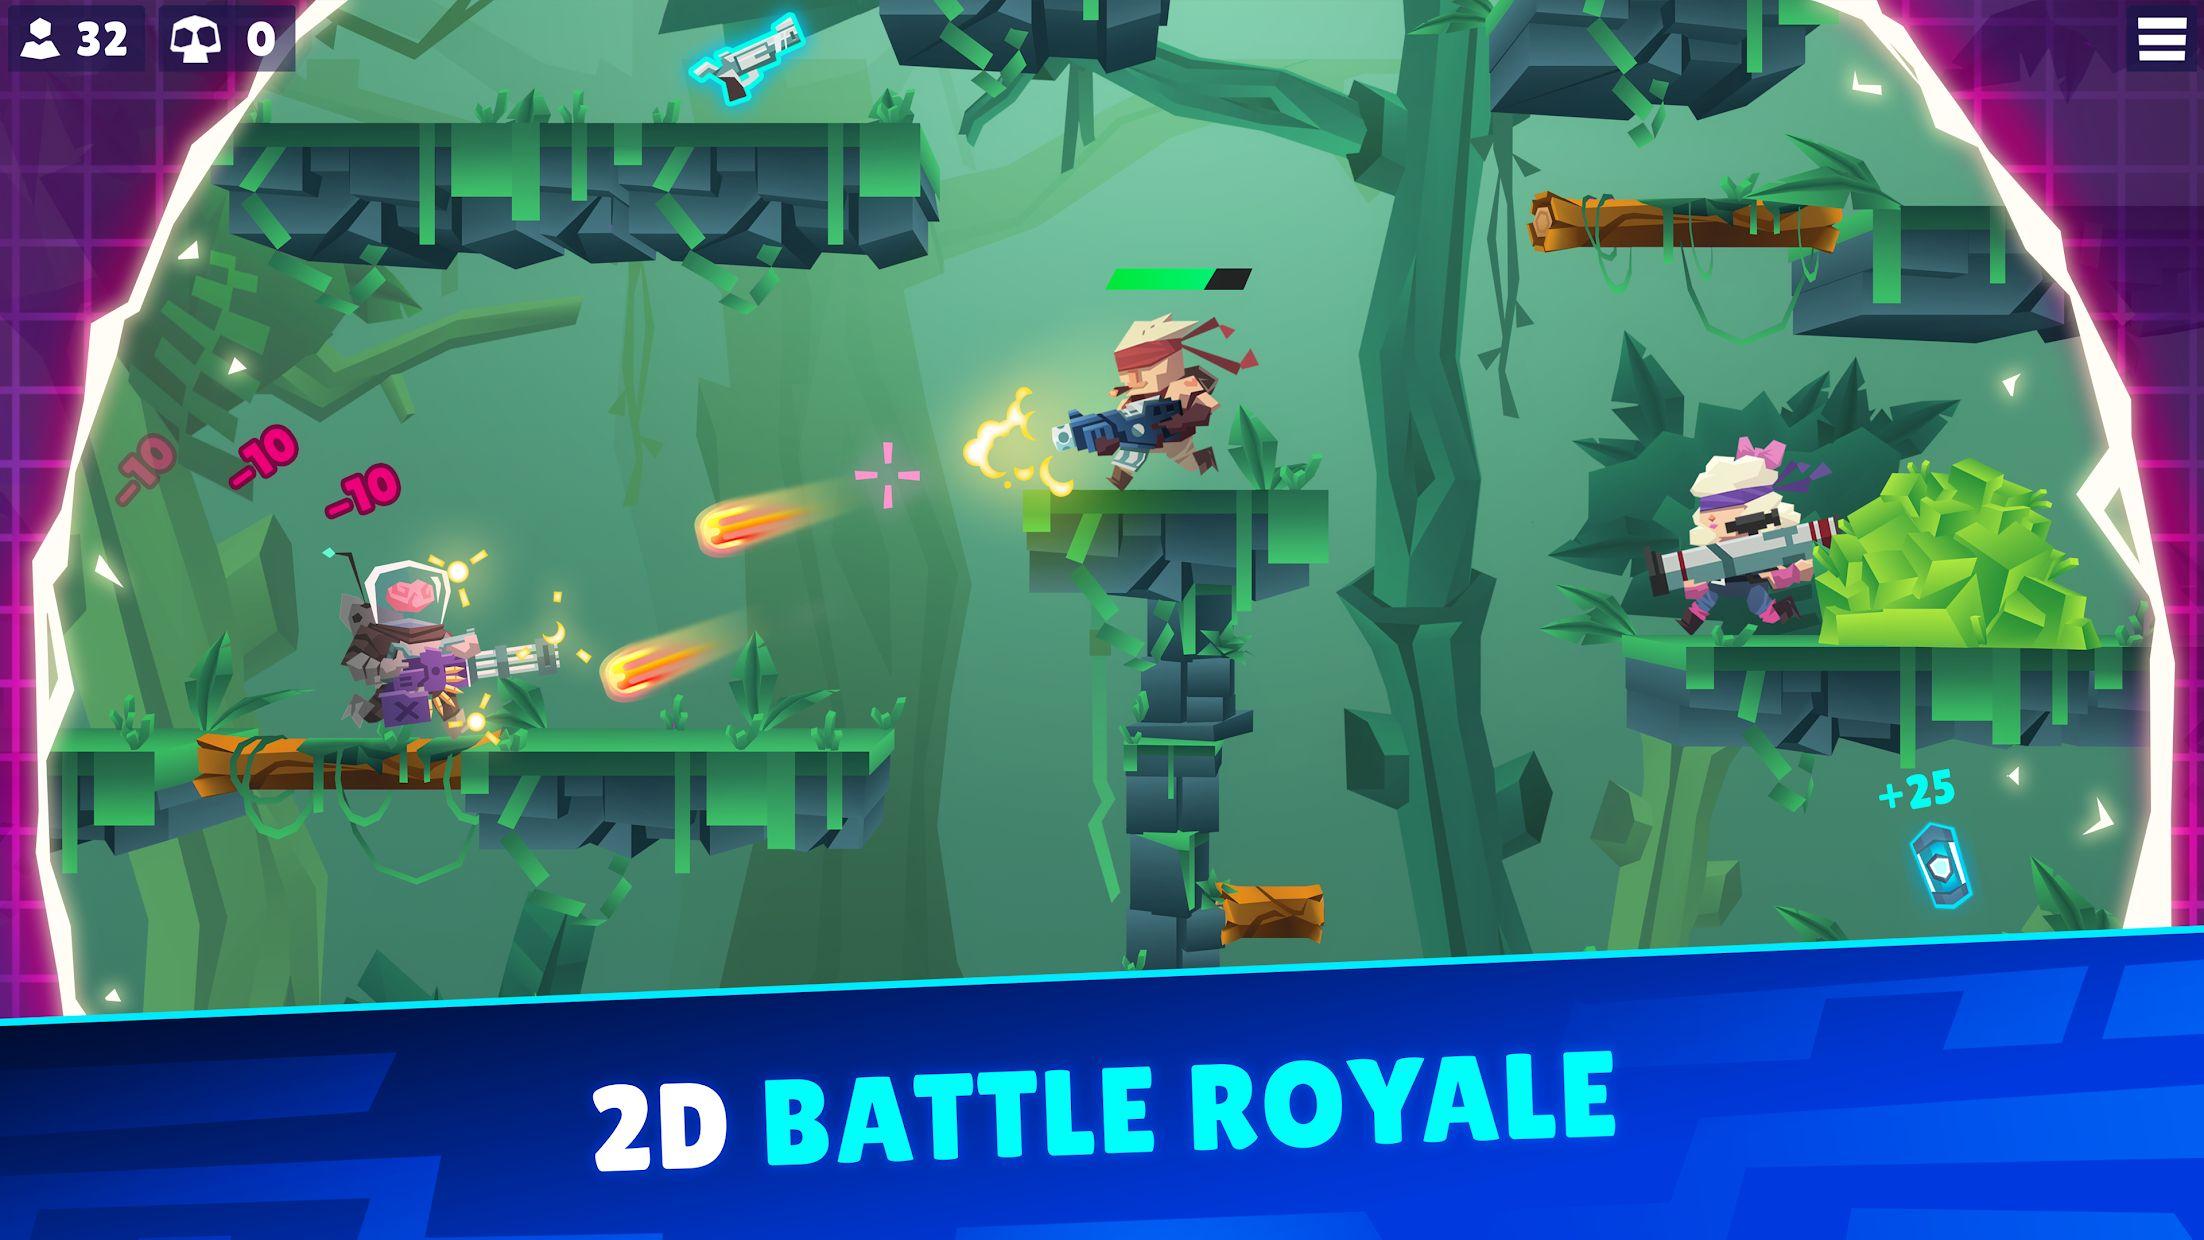 子弹联盟 游戏截图2